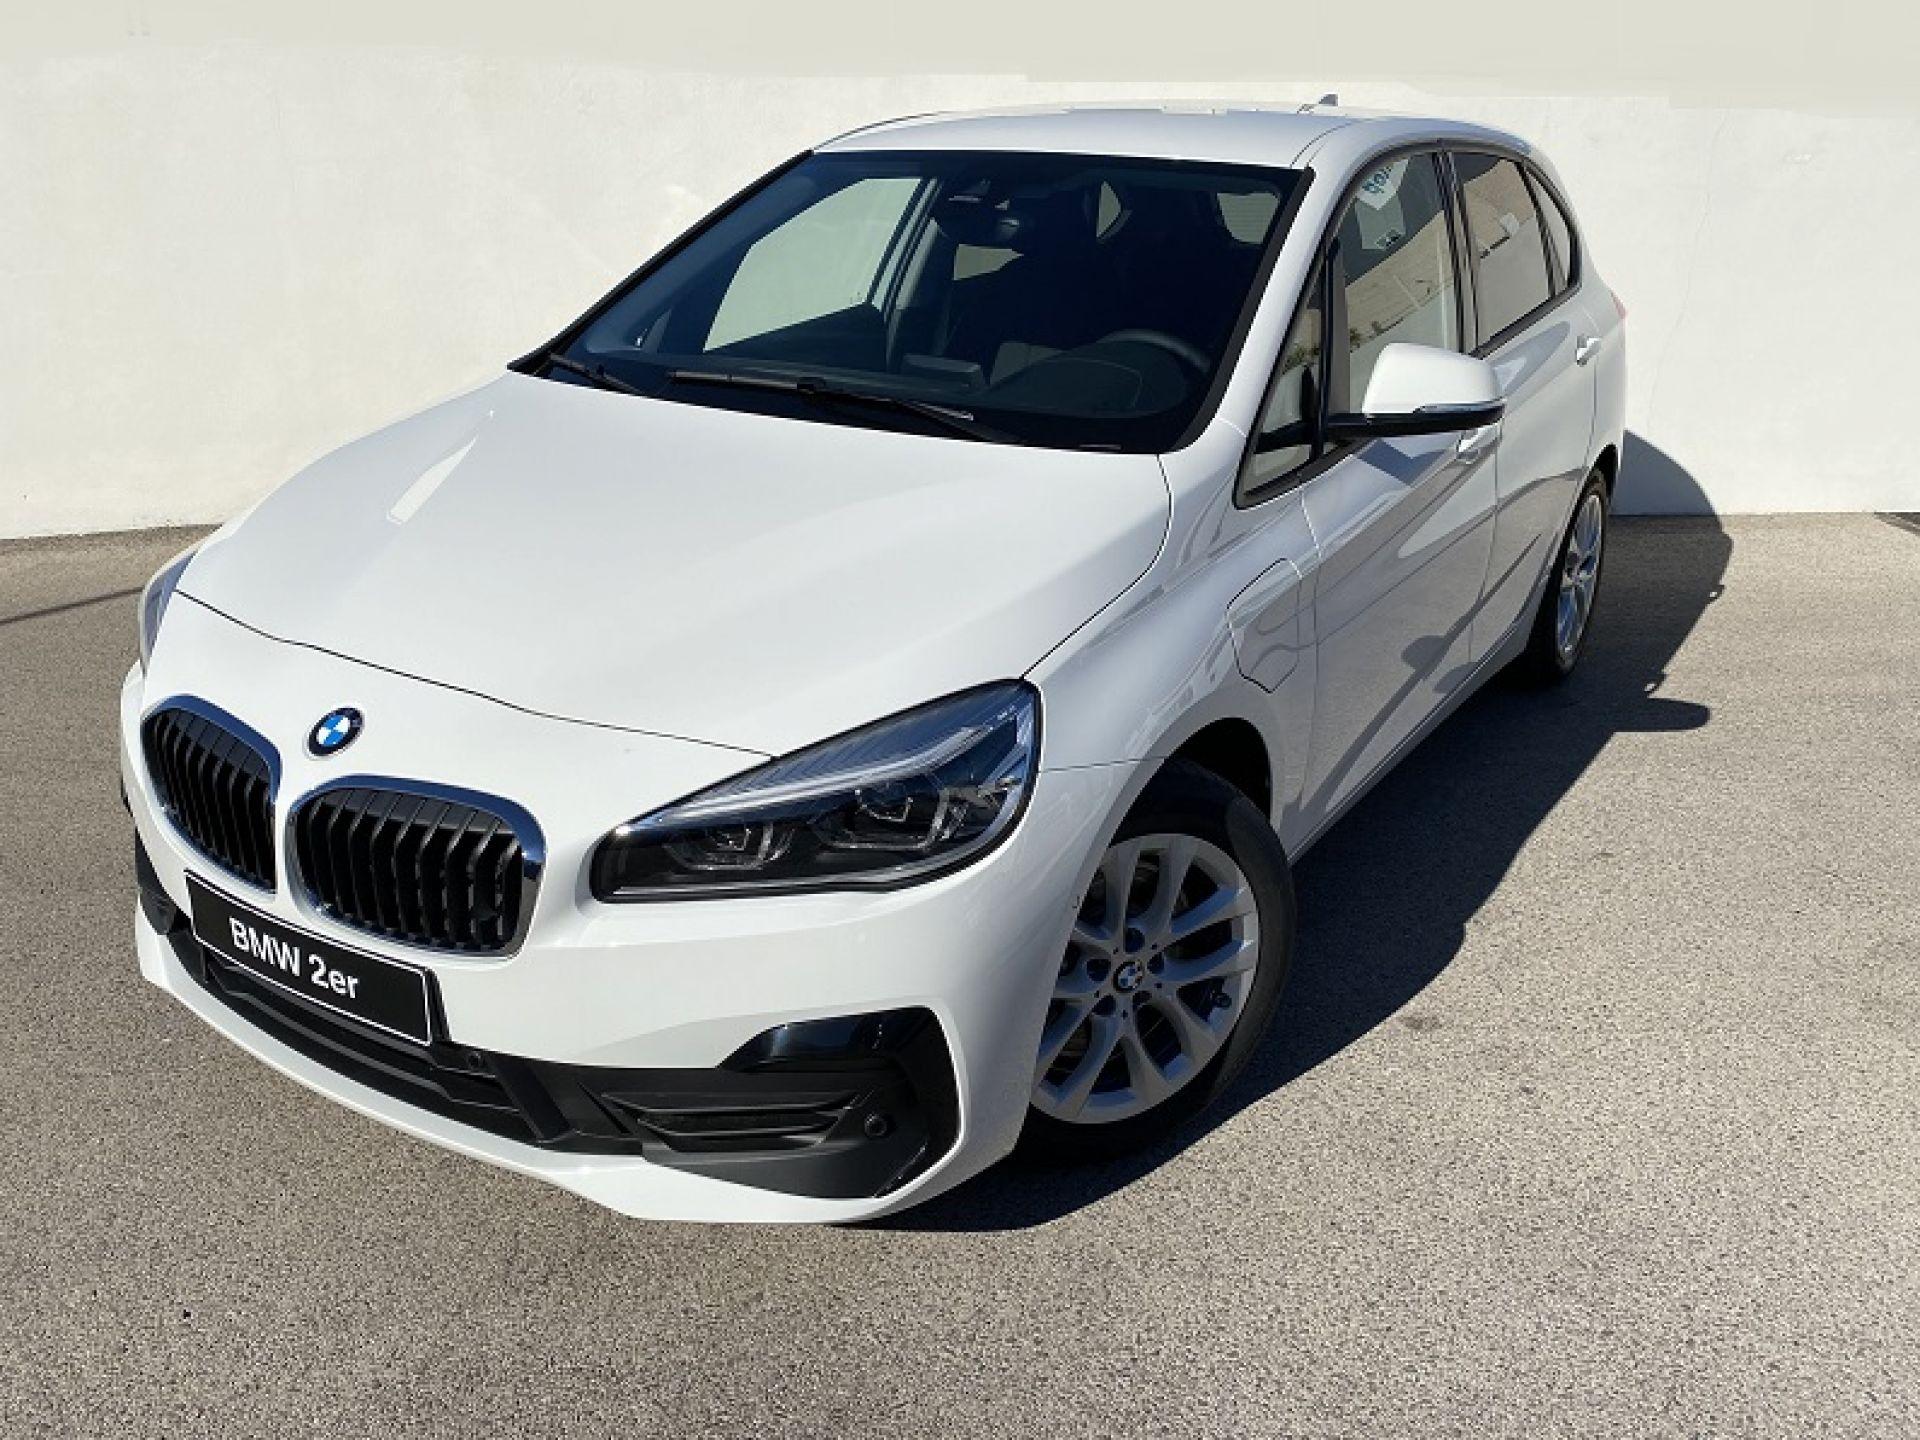 BMW Serie 2 Active Tourer 225xe iPerformance Auto segunda mão Faro